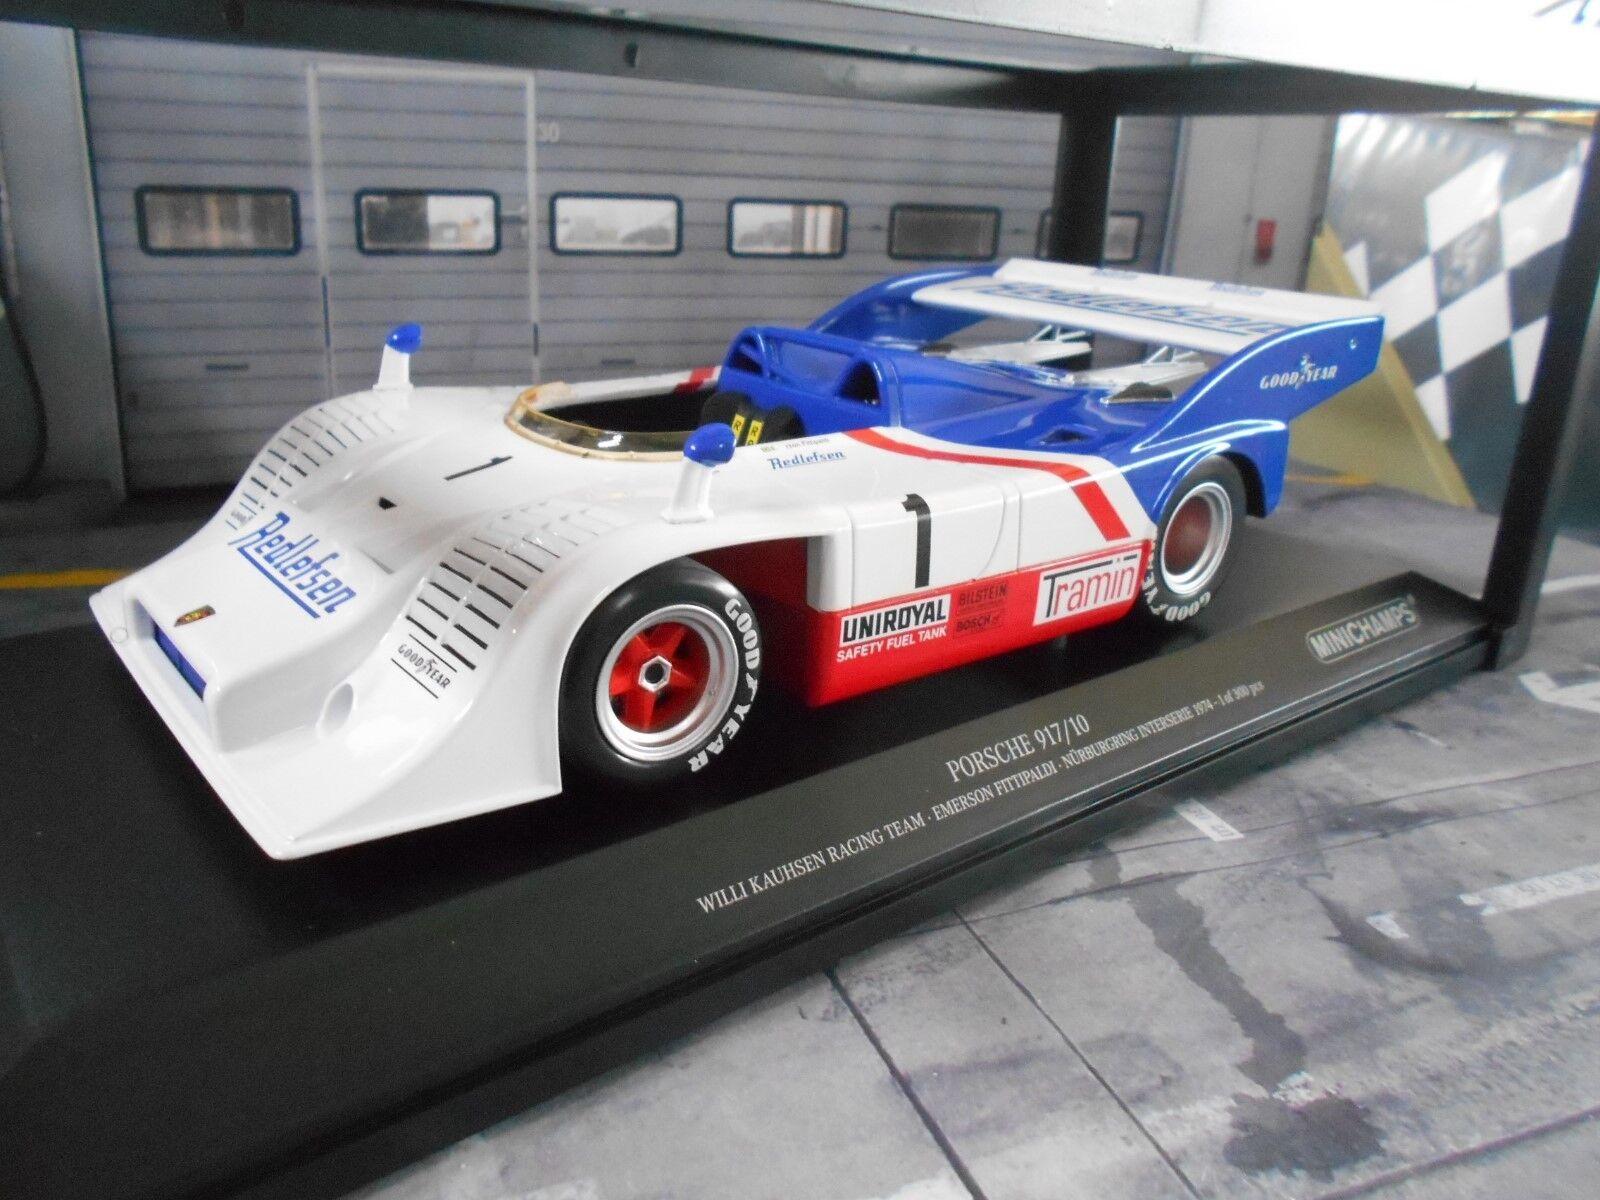 Porsche 917 917 10 Spyder 1974 Kauhsen Racing  1 Fittipaldi mé MINICHAMPS 1 18